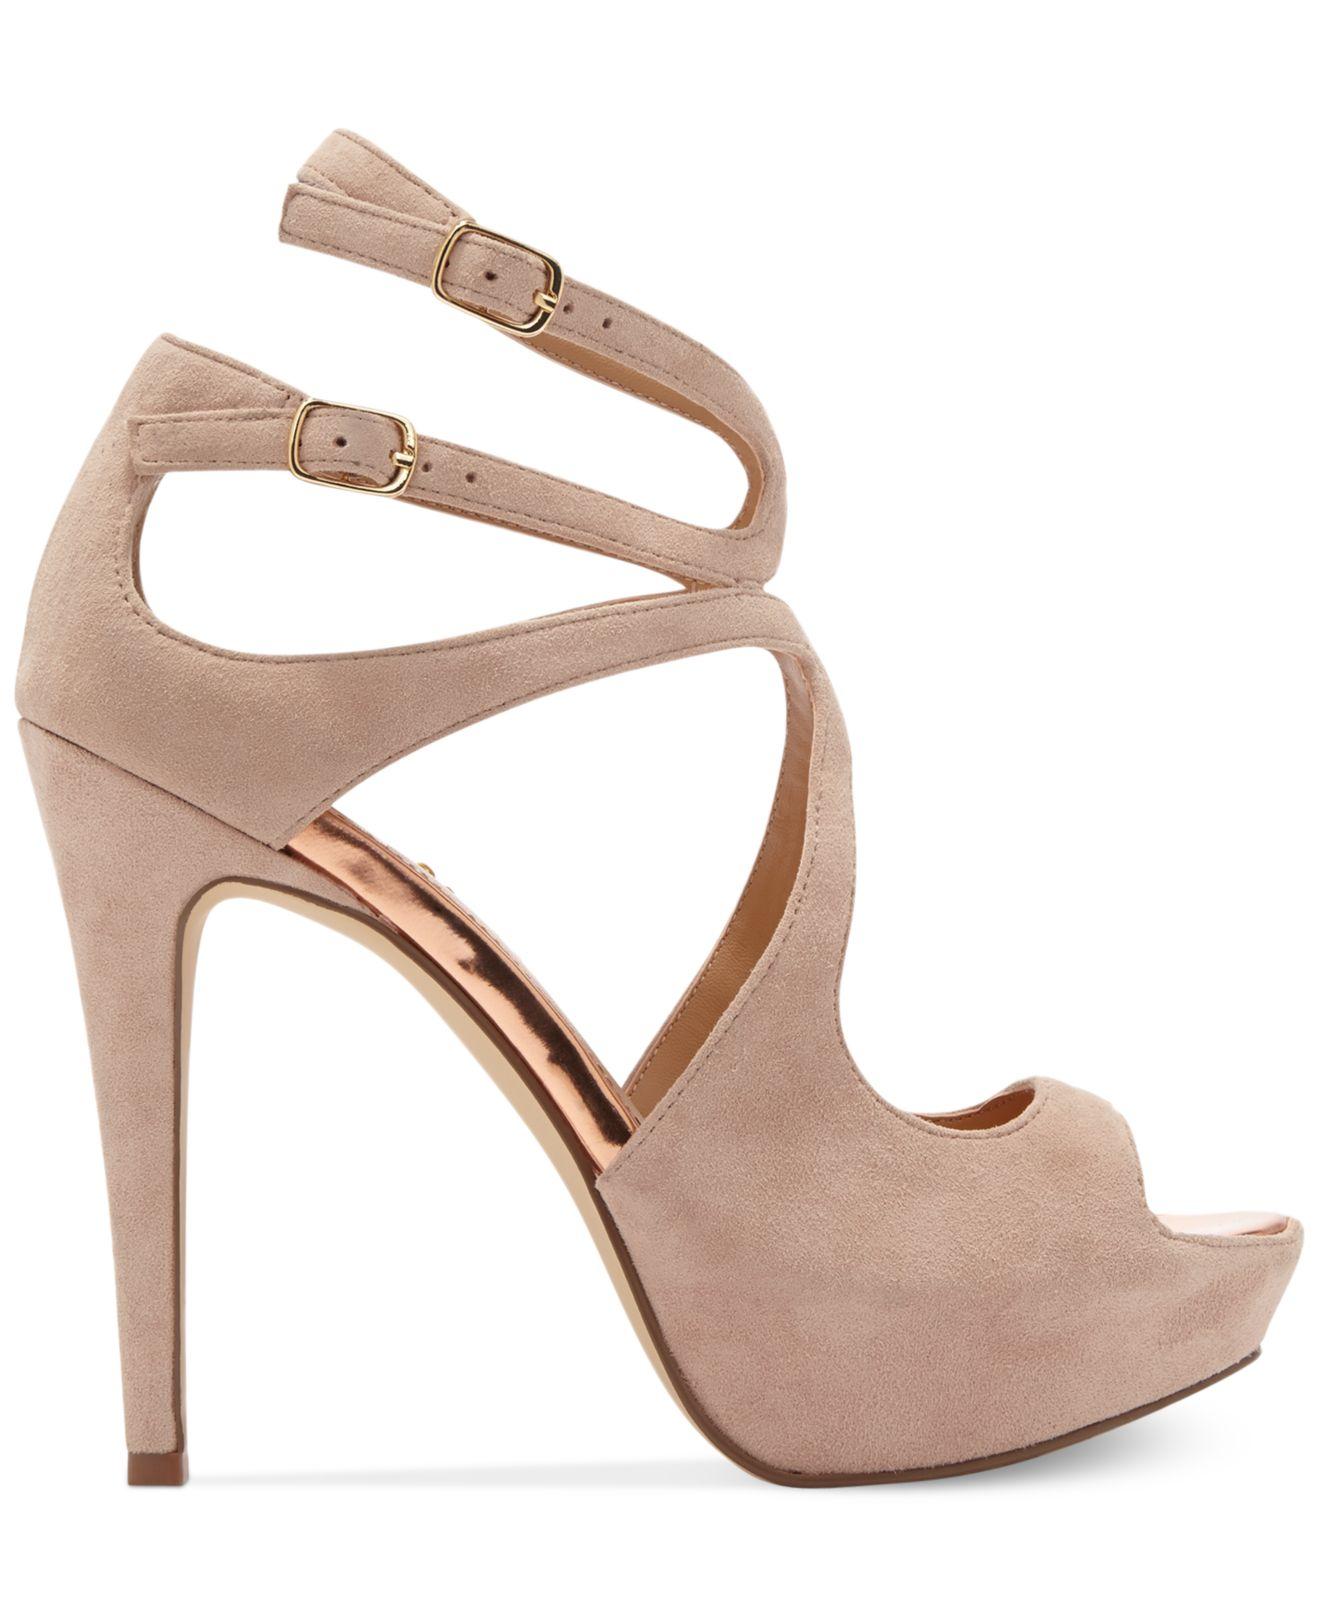 dolce vita dv by brielle platform sandals in pink lyst